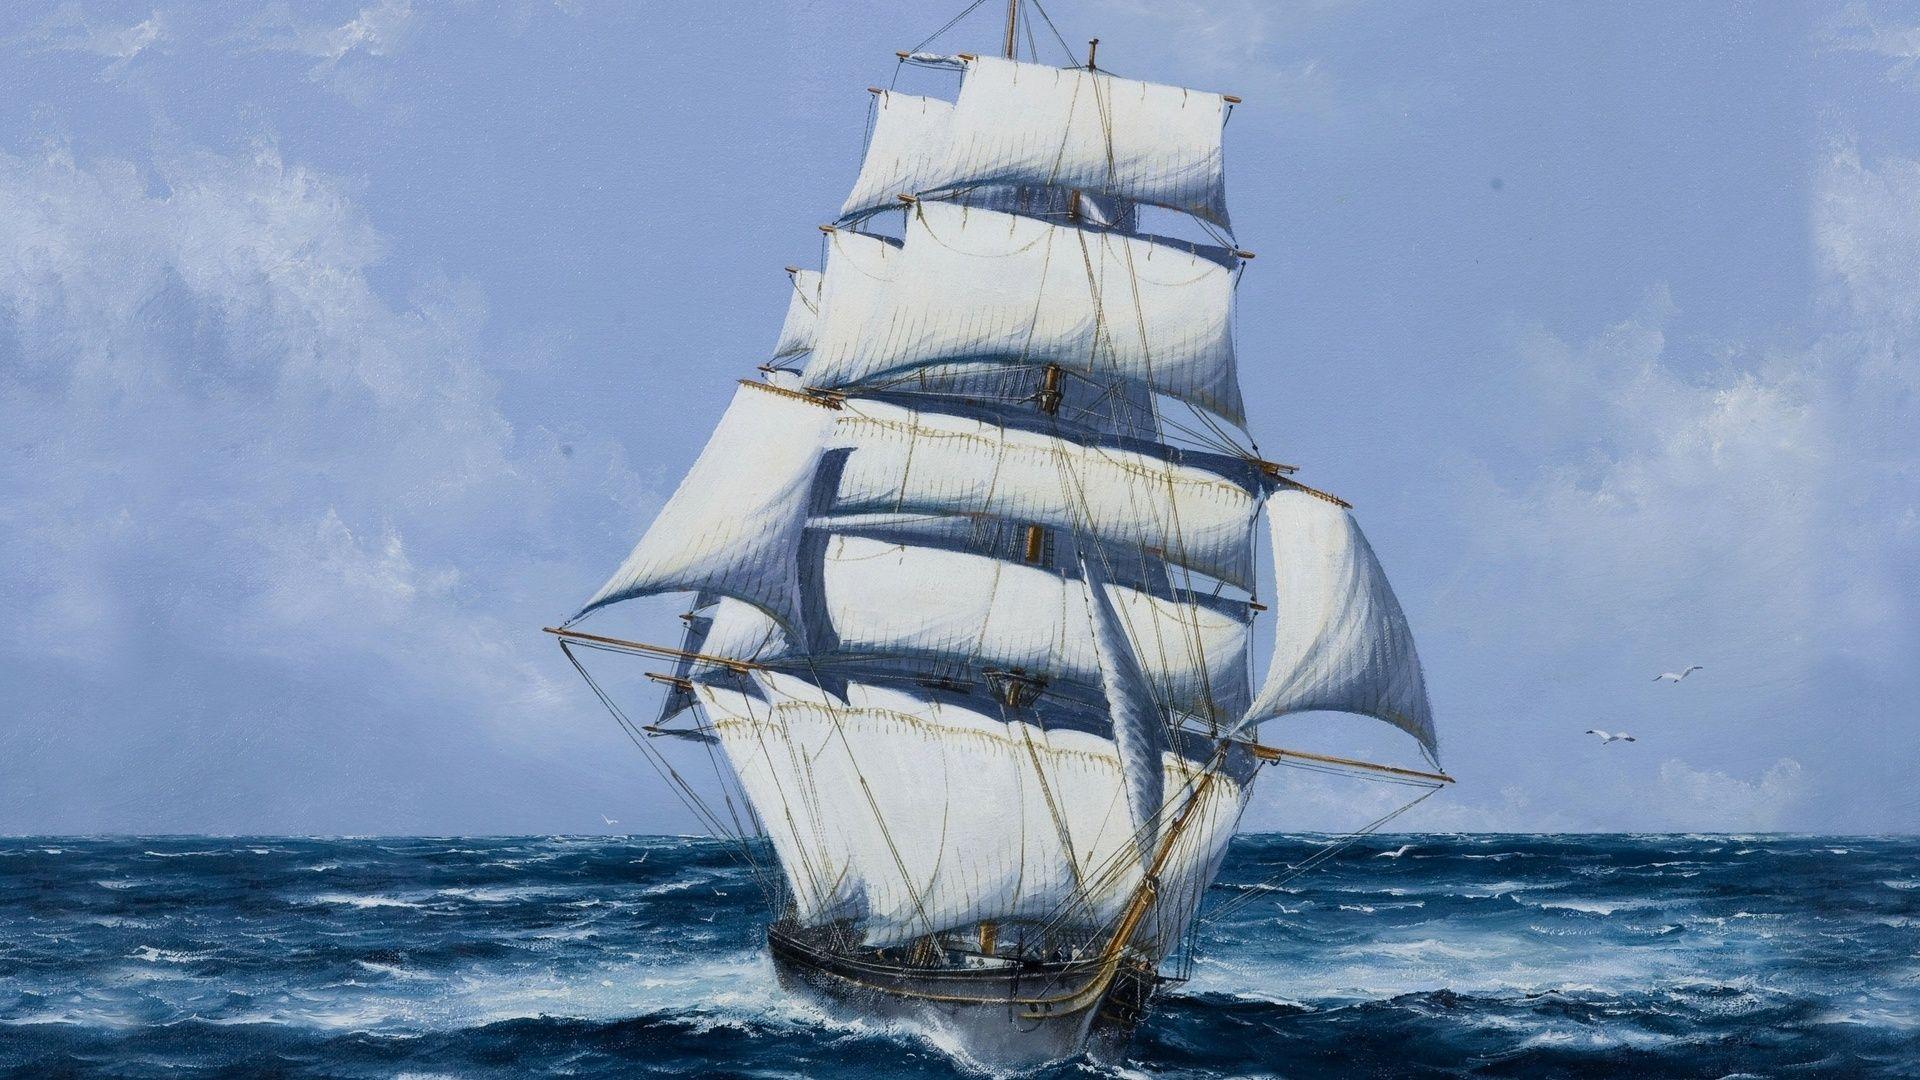 Ship free hd wallpaper